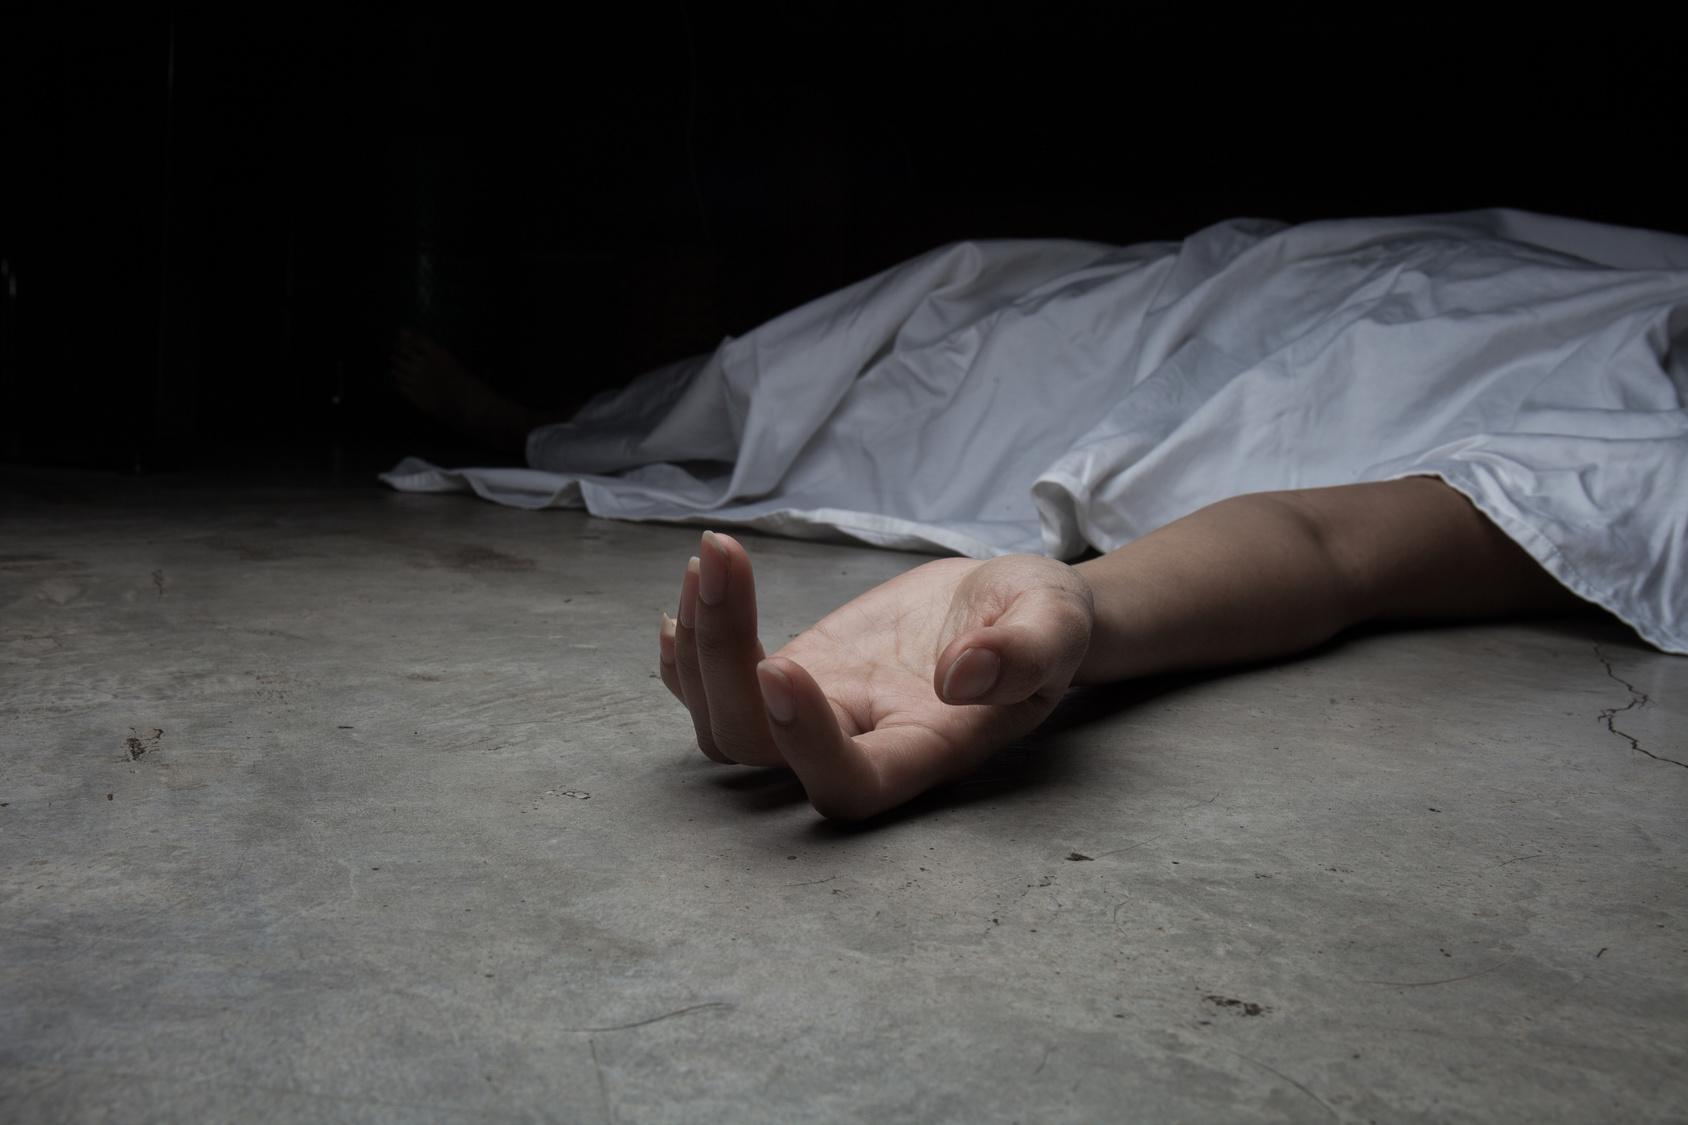 Horrorfund in Petersberg Tötete dieser Mann seine Ehefrau